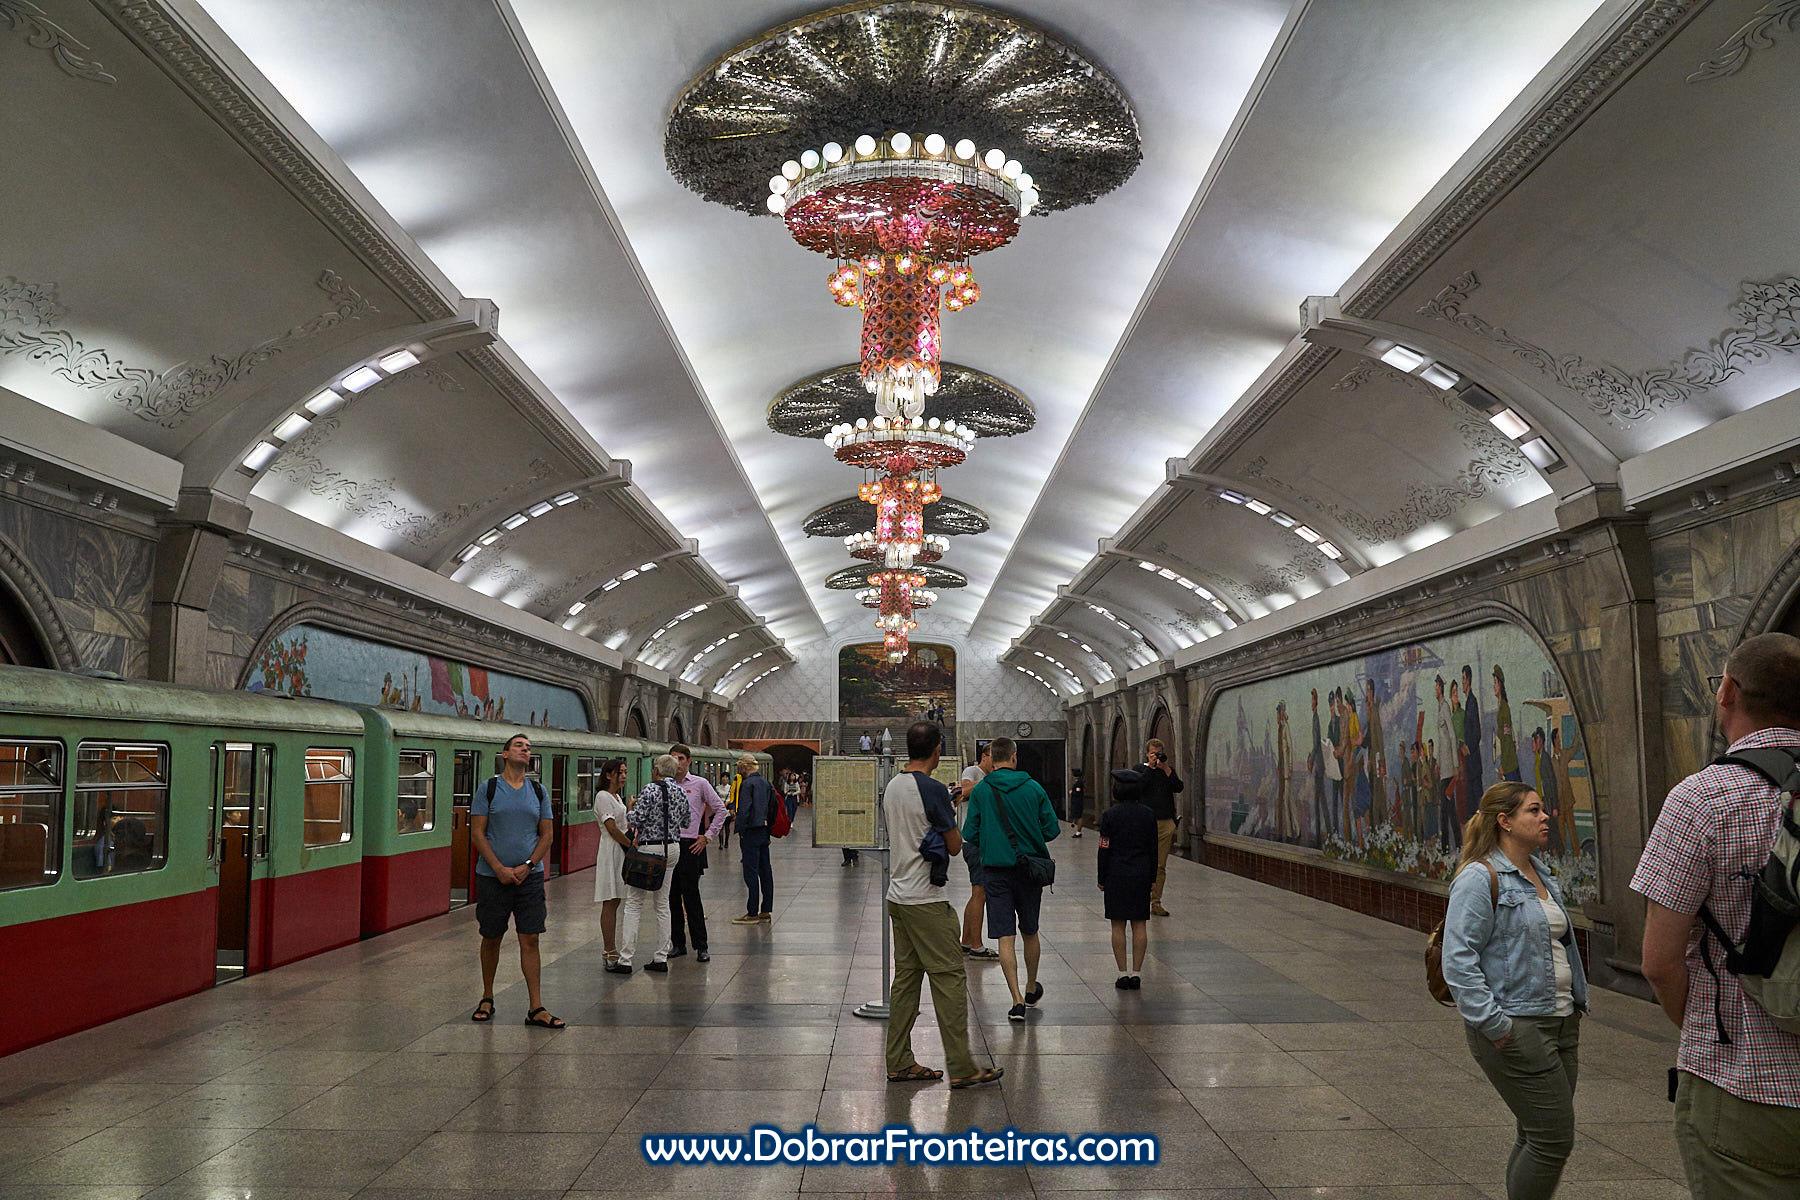 Estação de metropolitano de Puhung, Pyongyang